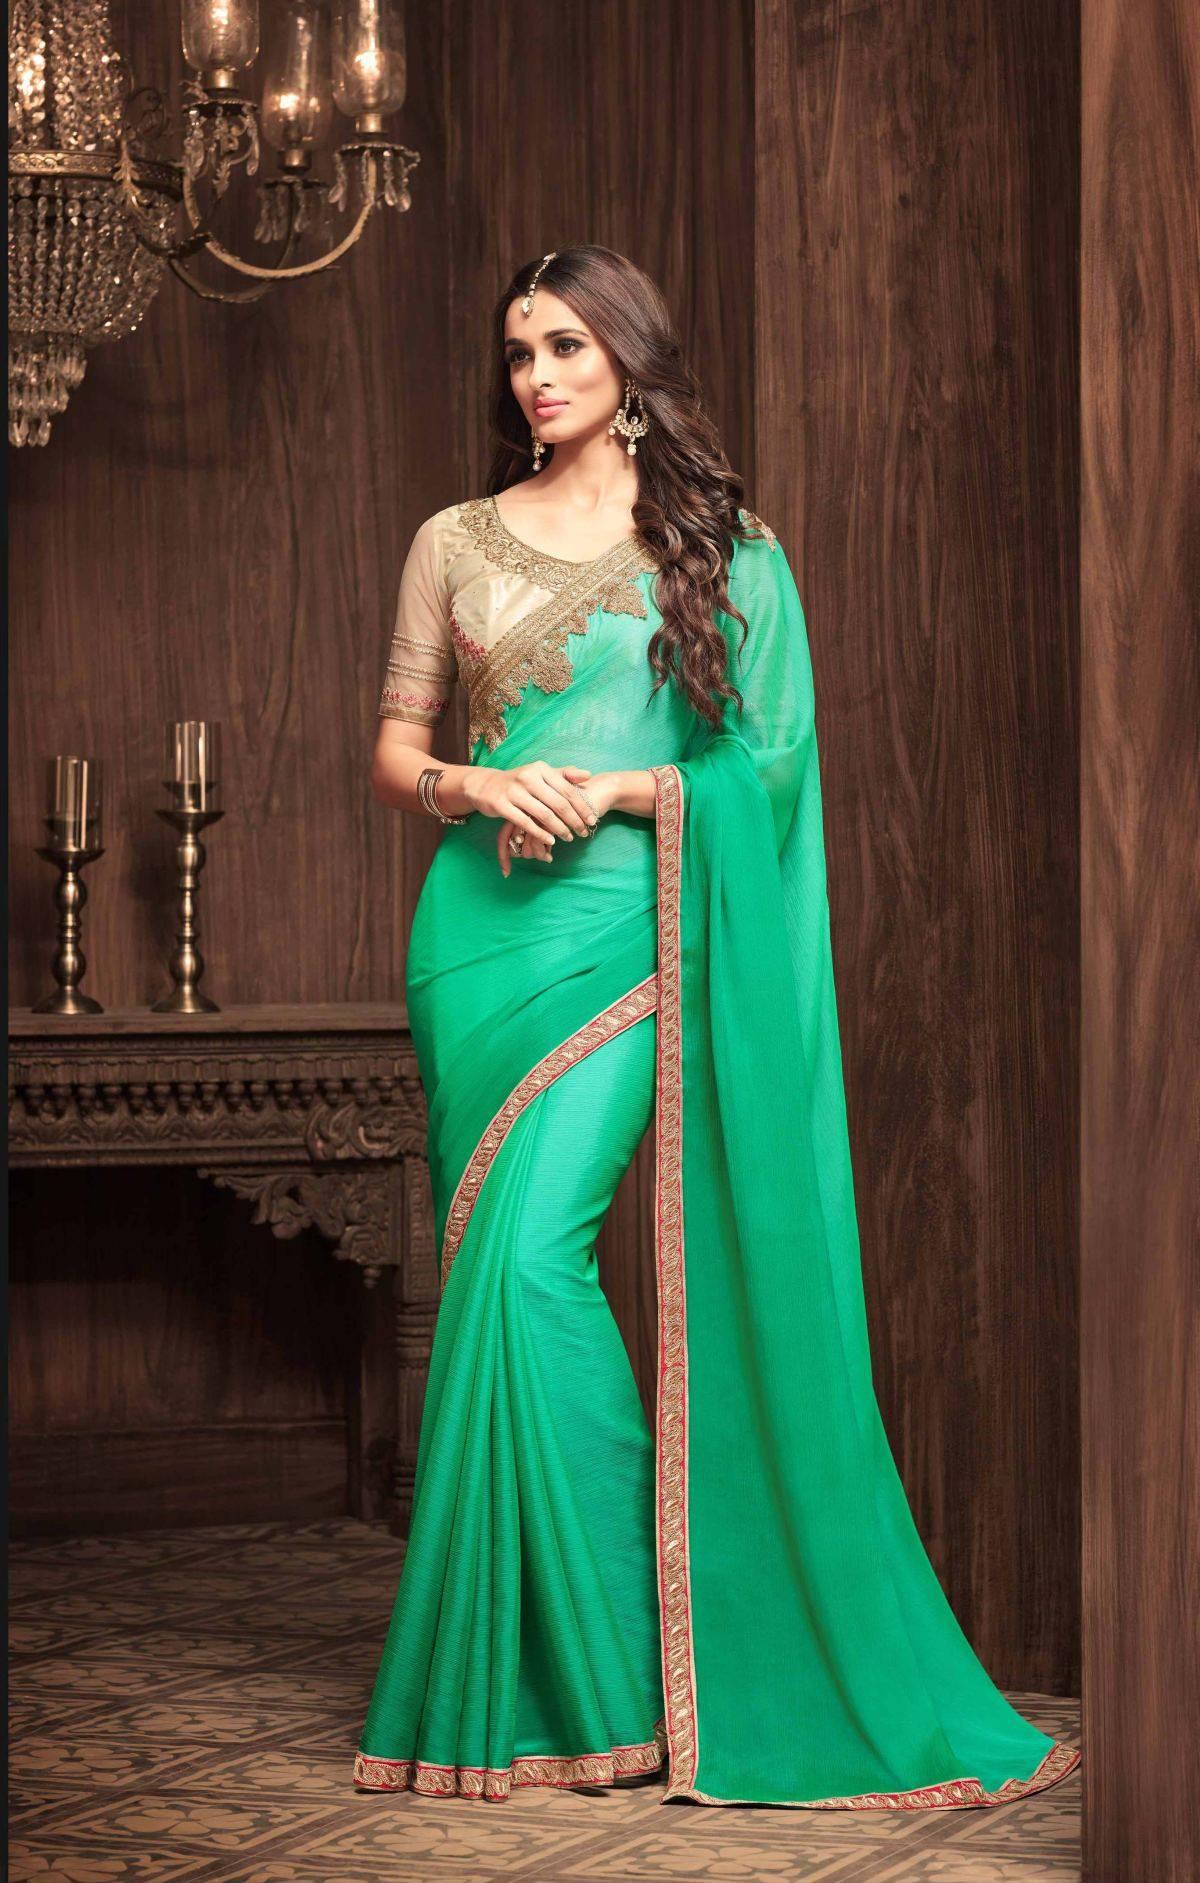 Embroidered Chiffon Saree (sari) in Green